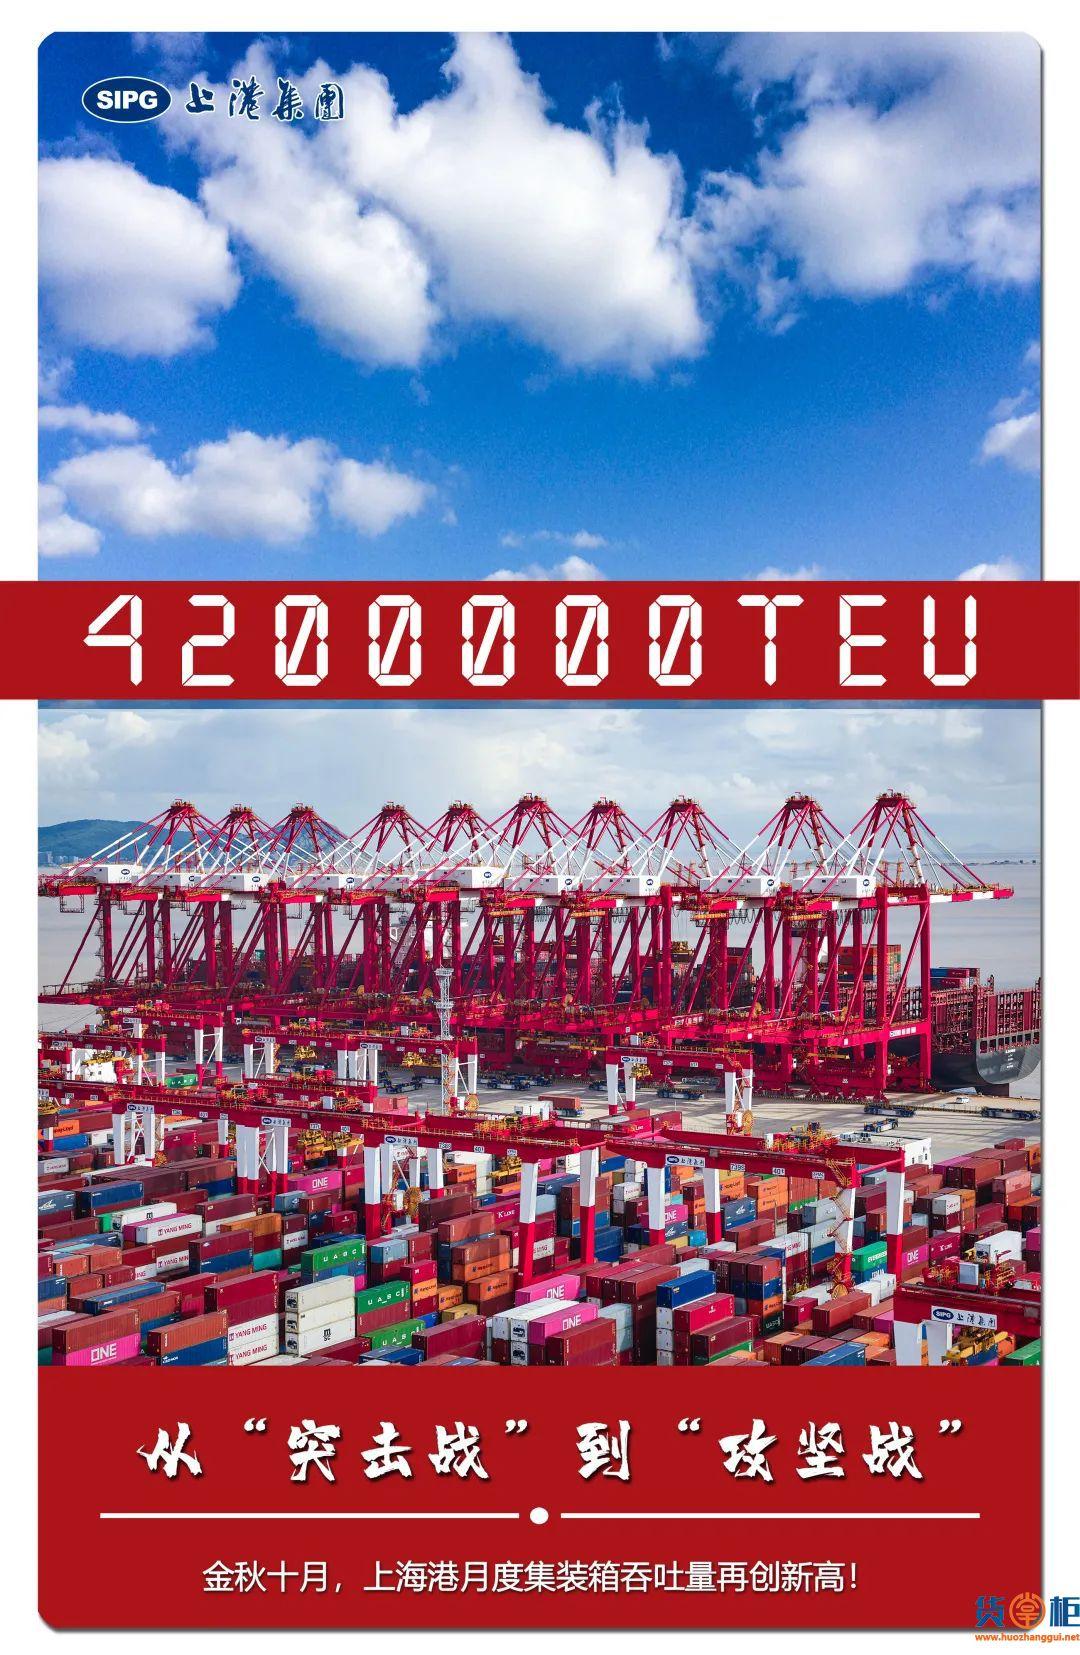 上海港集装箱吞吐量站上420万TEU!